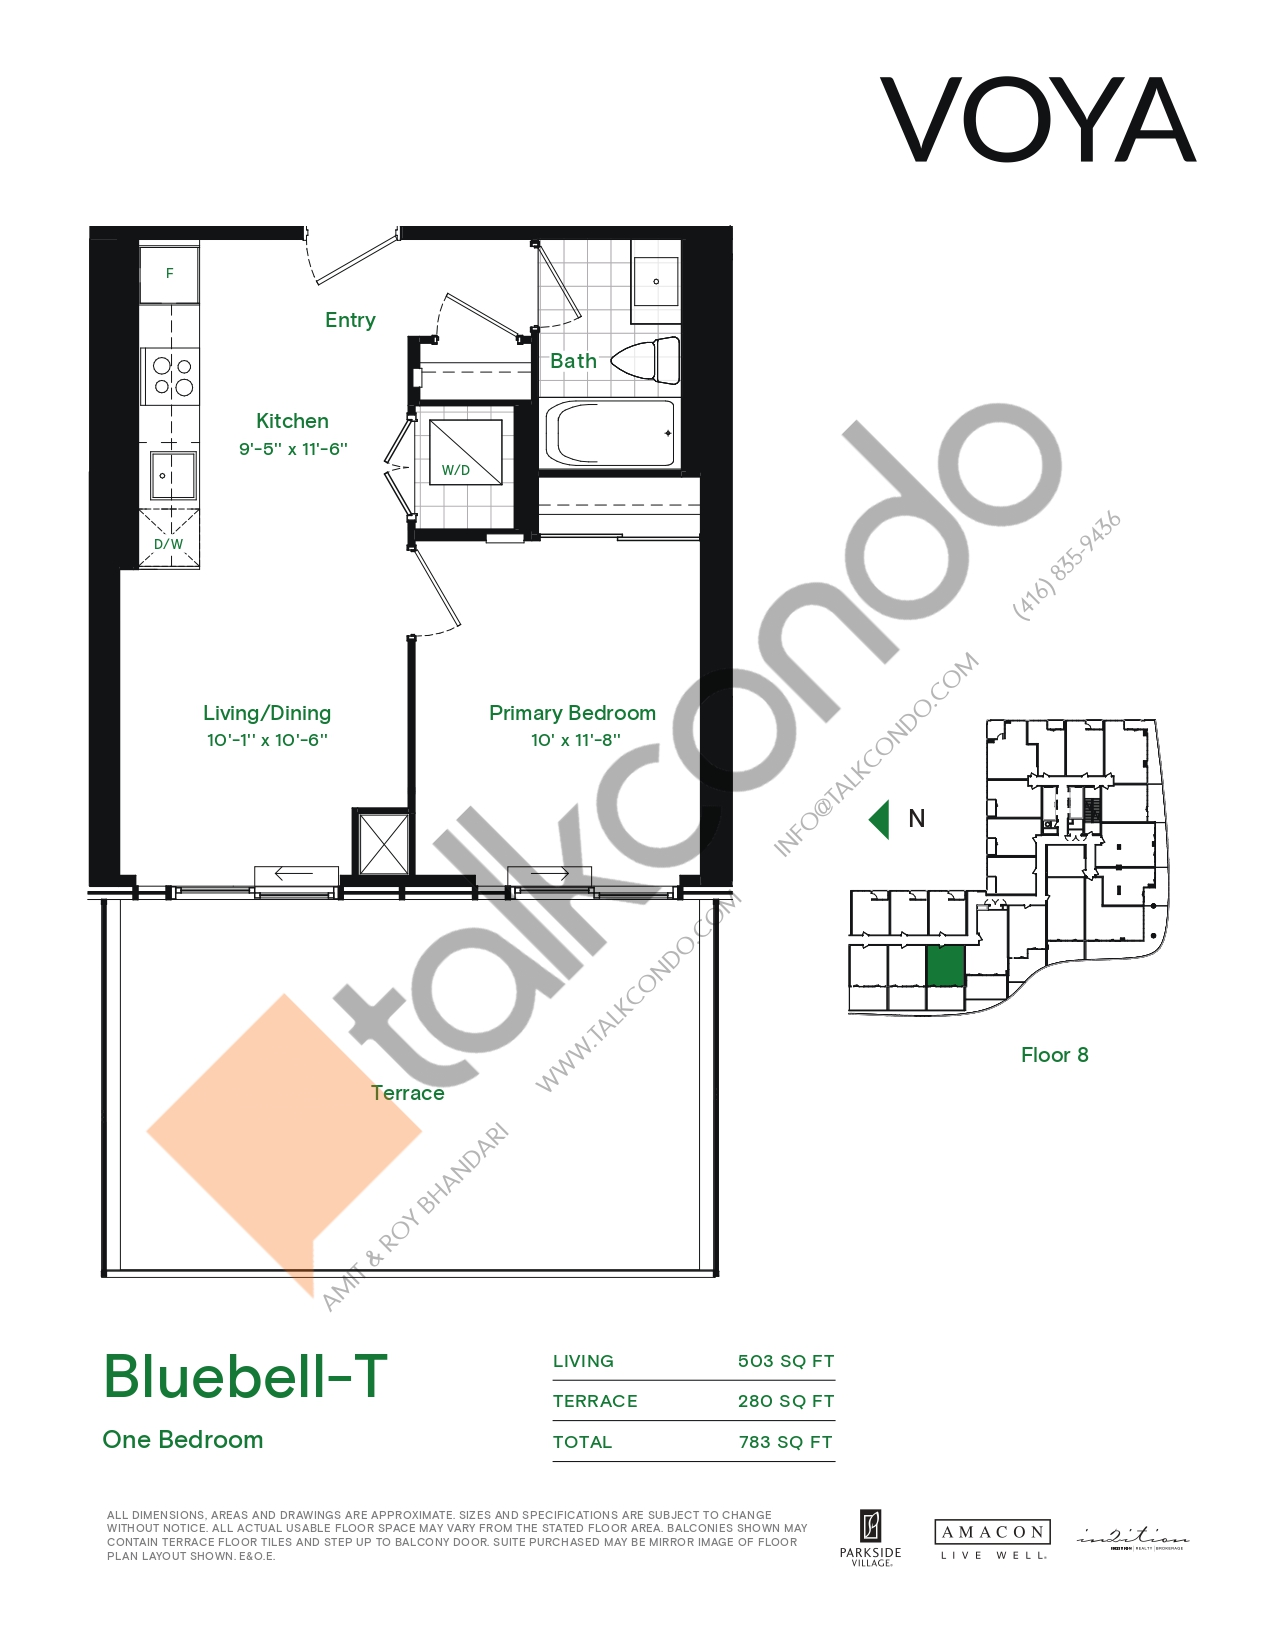 Bluebell-T (Podium) Floor Plan at Voya at Parkside Village Condos - 503 sq.ft